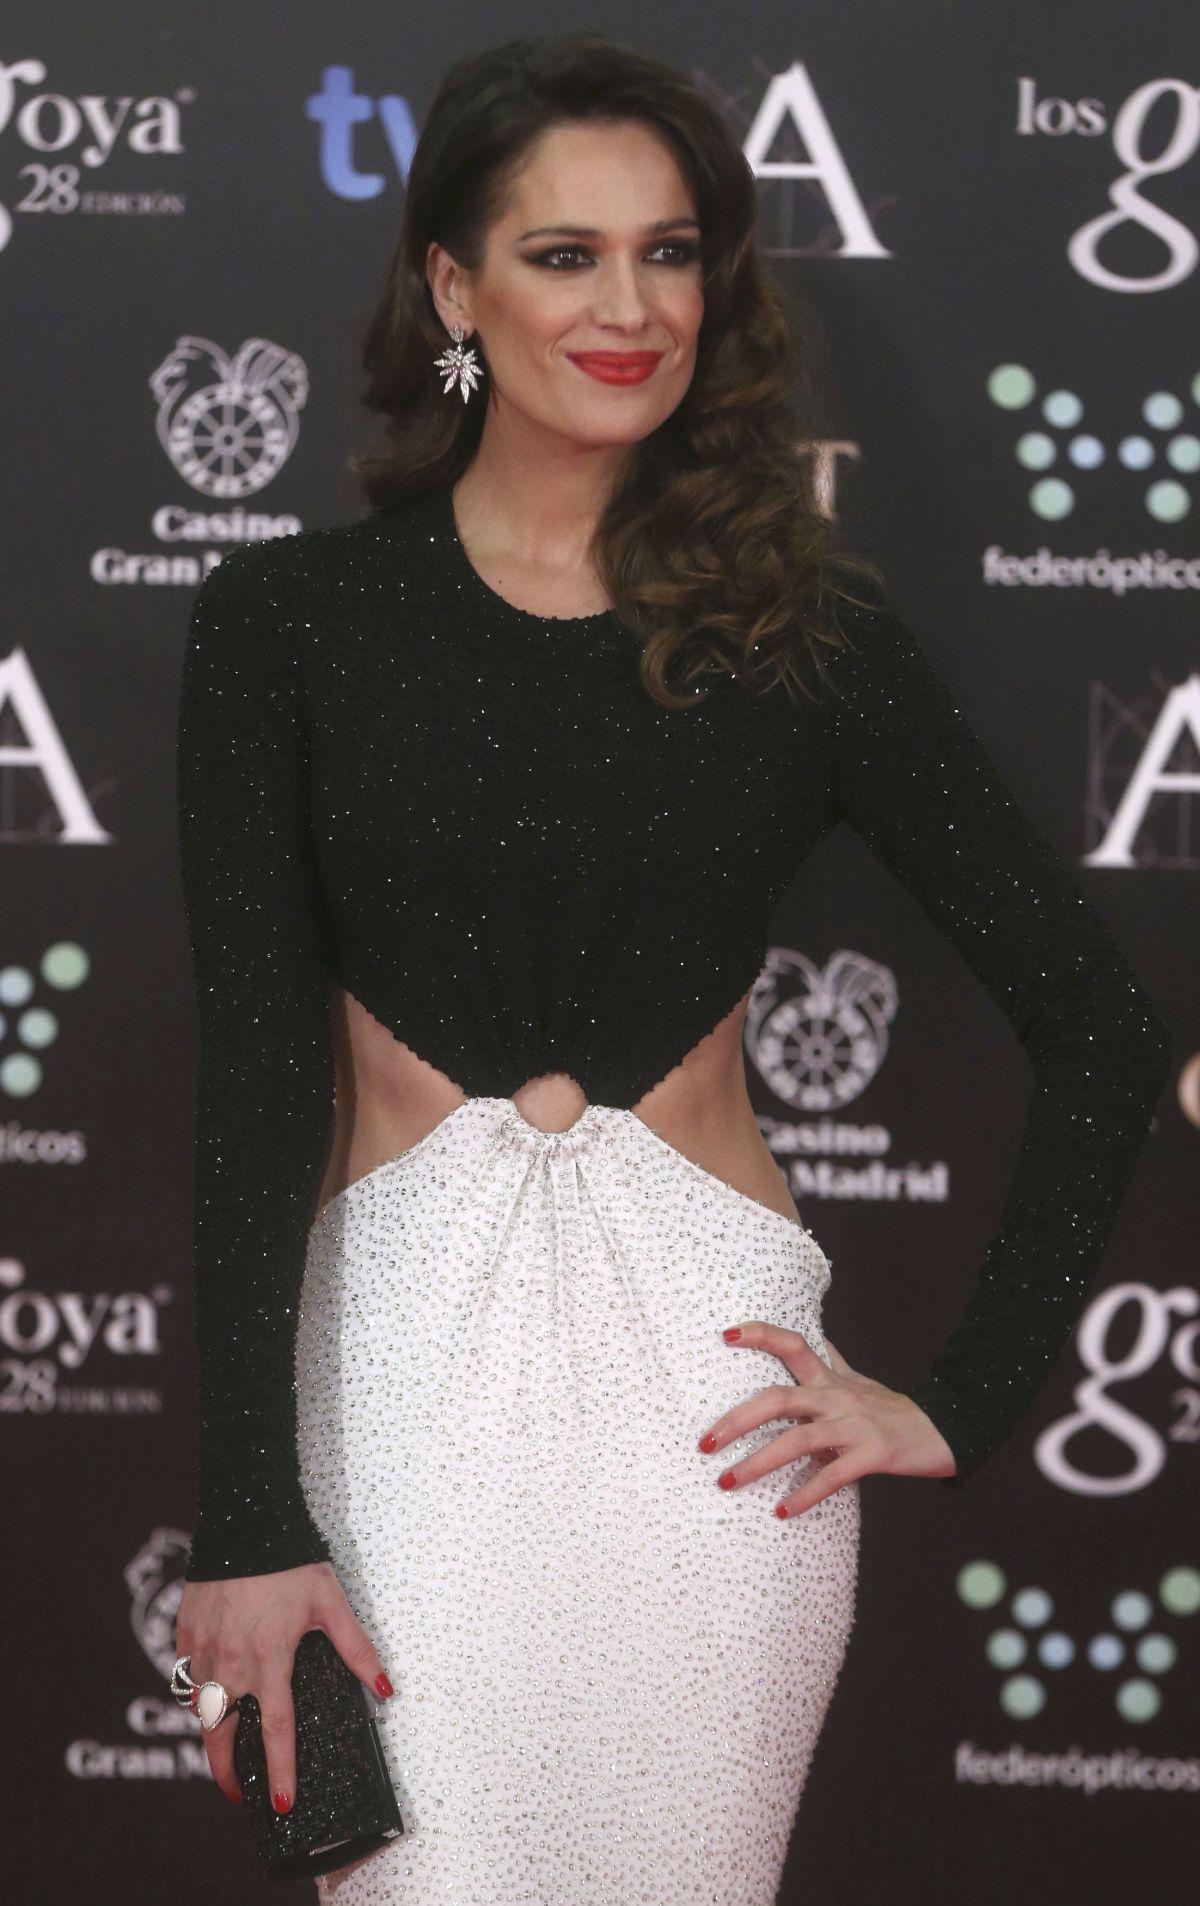 MAR SAURA at 2014 Goya Film Awards in Madrid